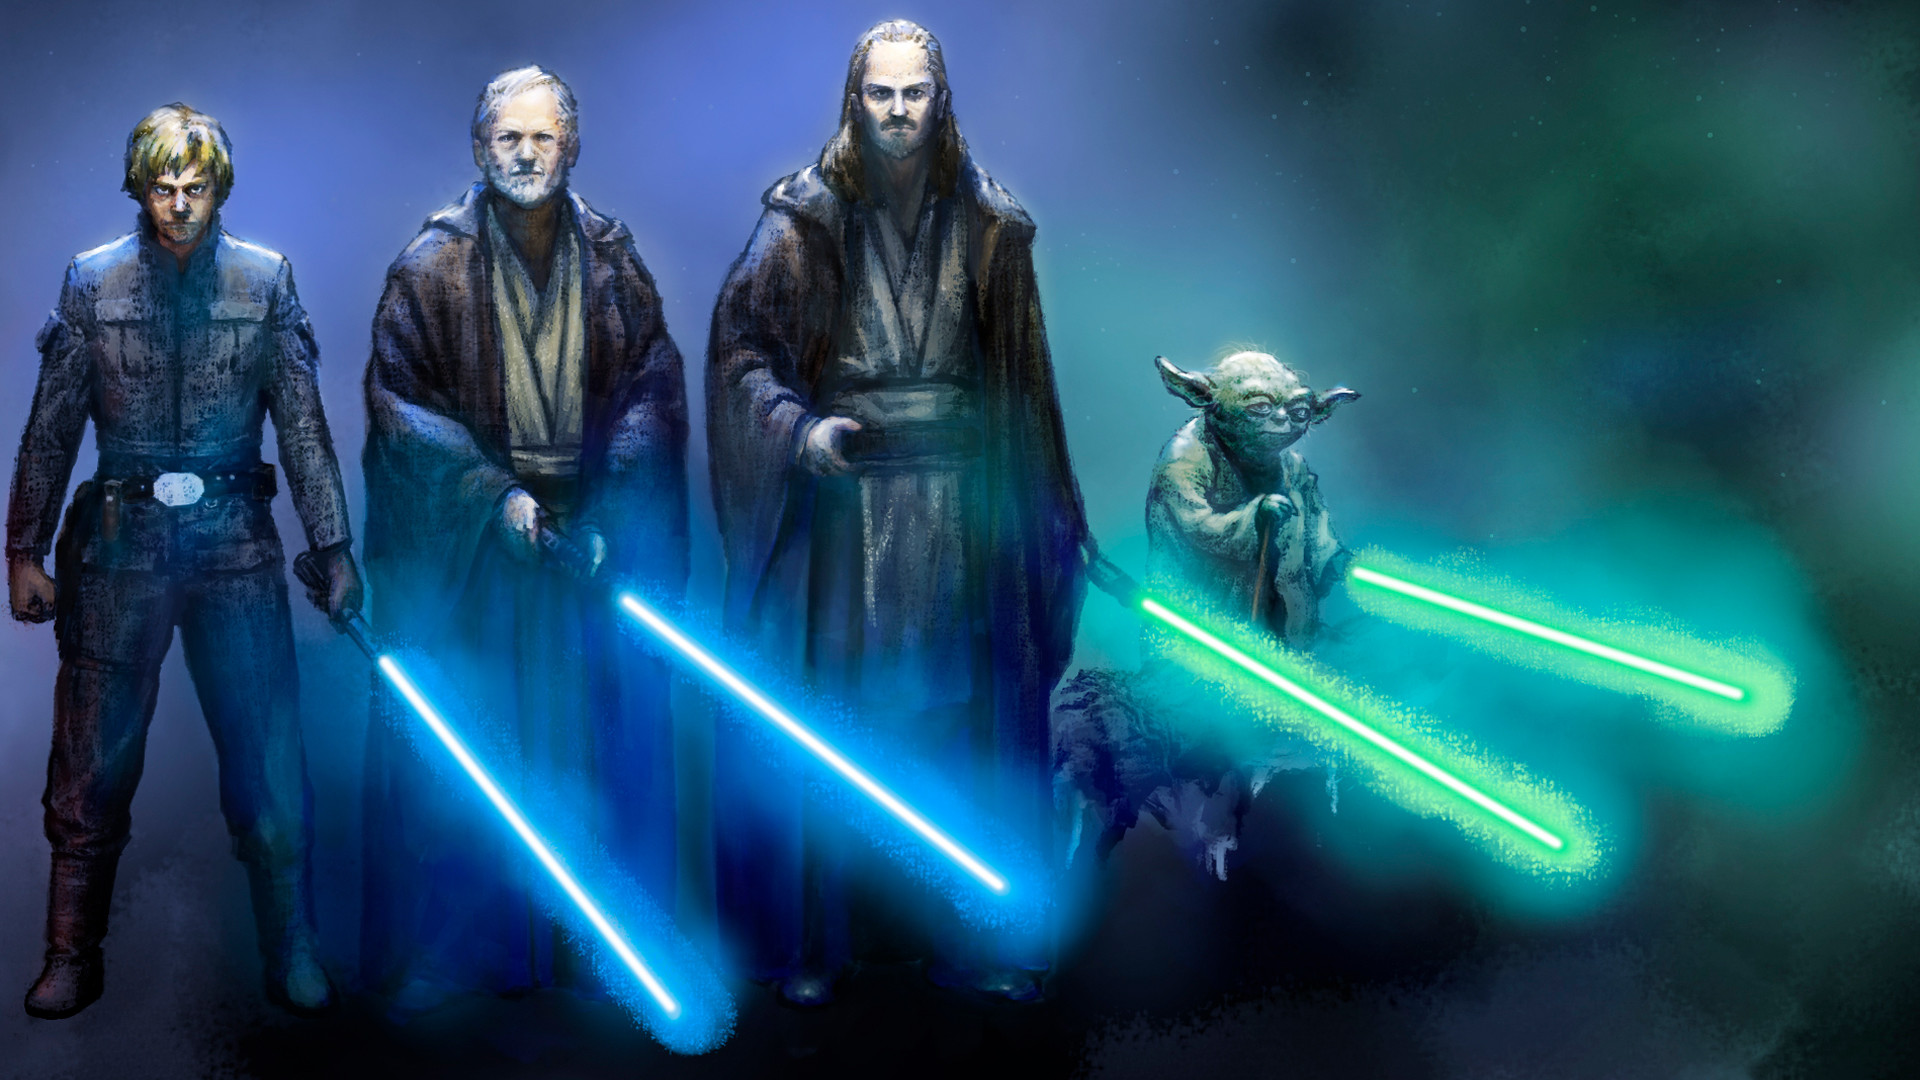 Star Wars Jedi Wallpaper Wide As Wallpaper HD